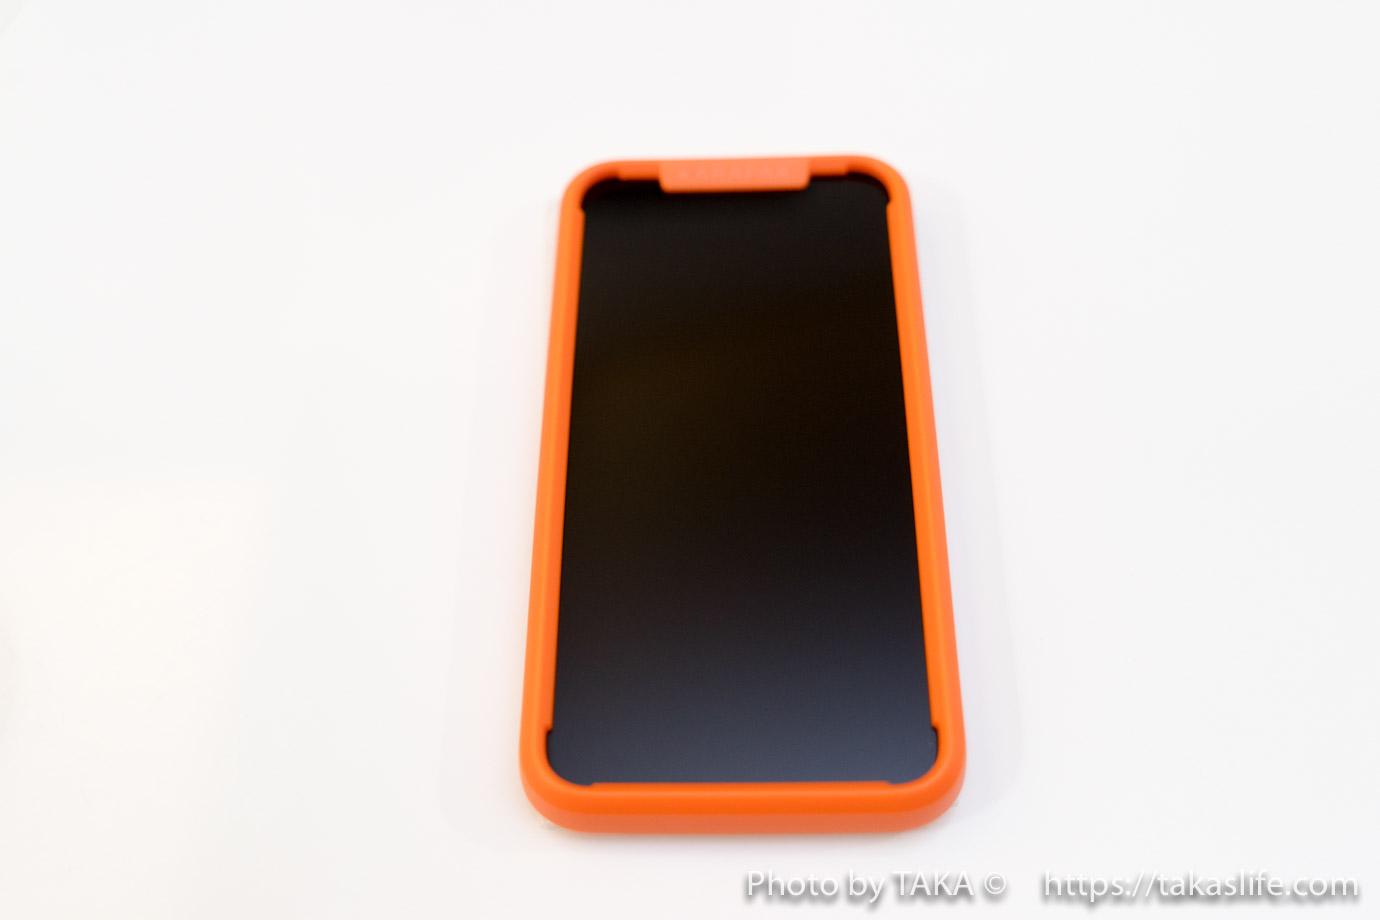 IPhone X ガラス保護フィルム 03 20171112 222007